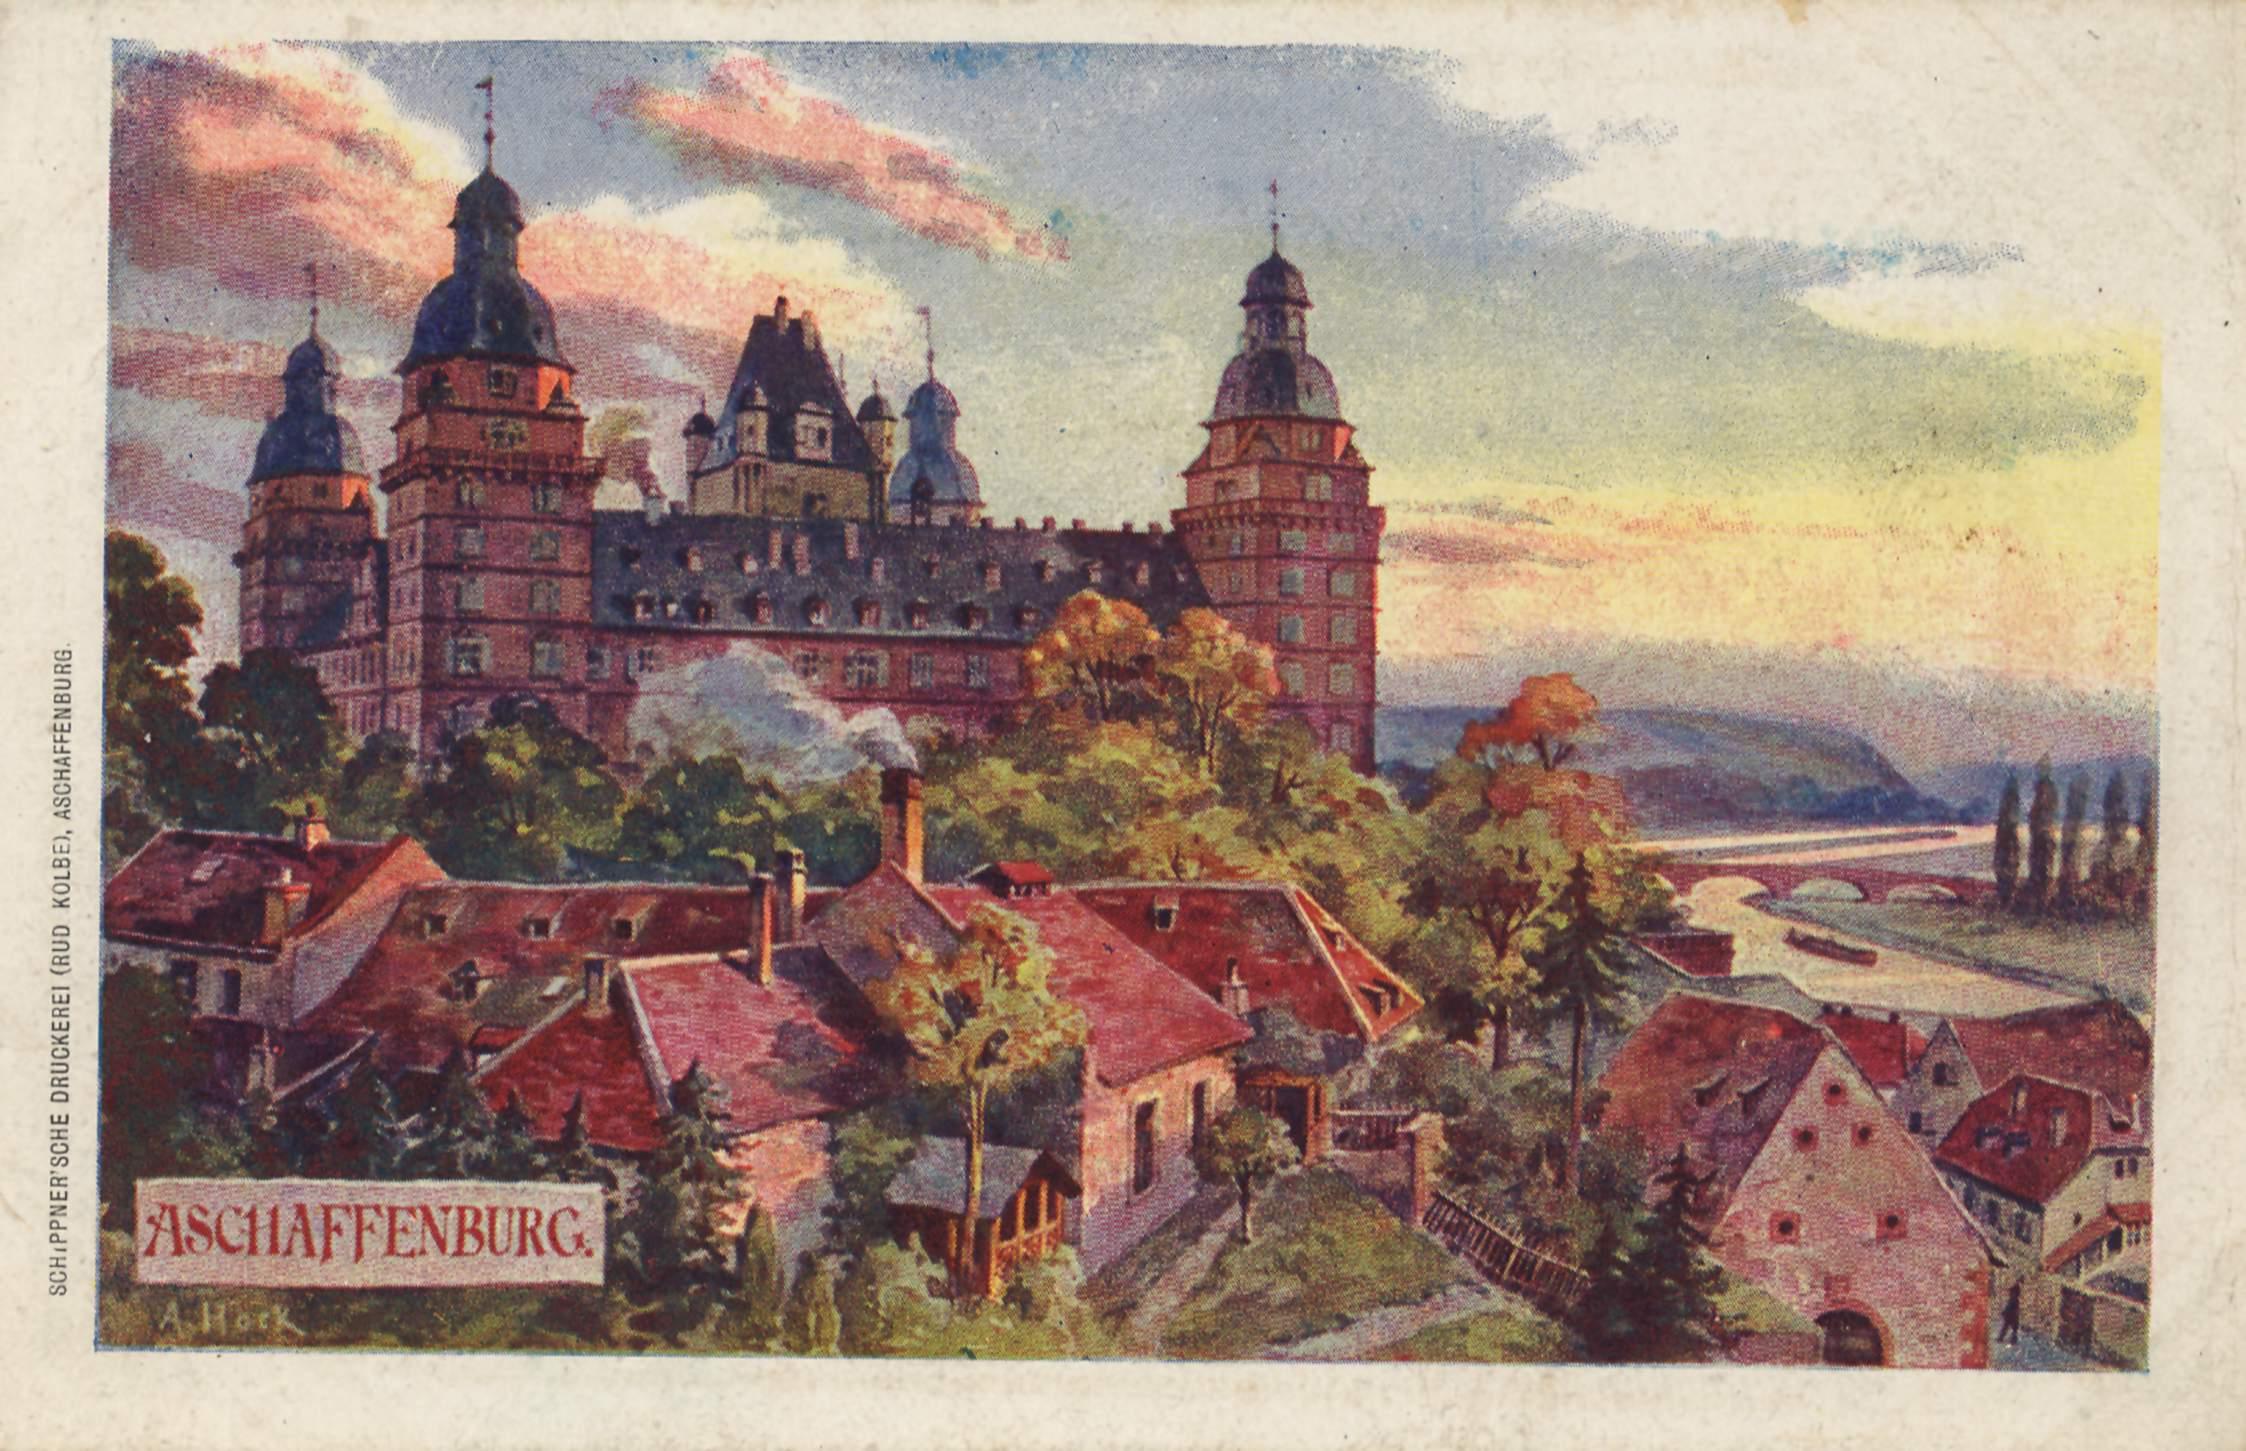 aschaffenburg plz